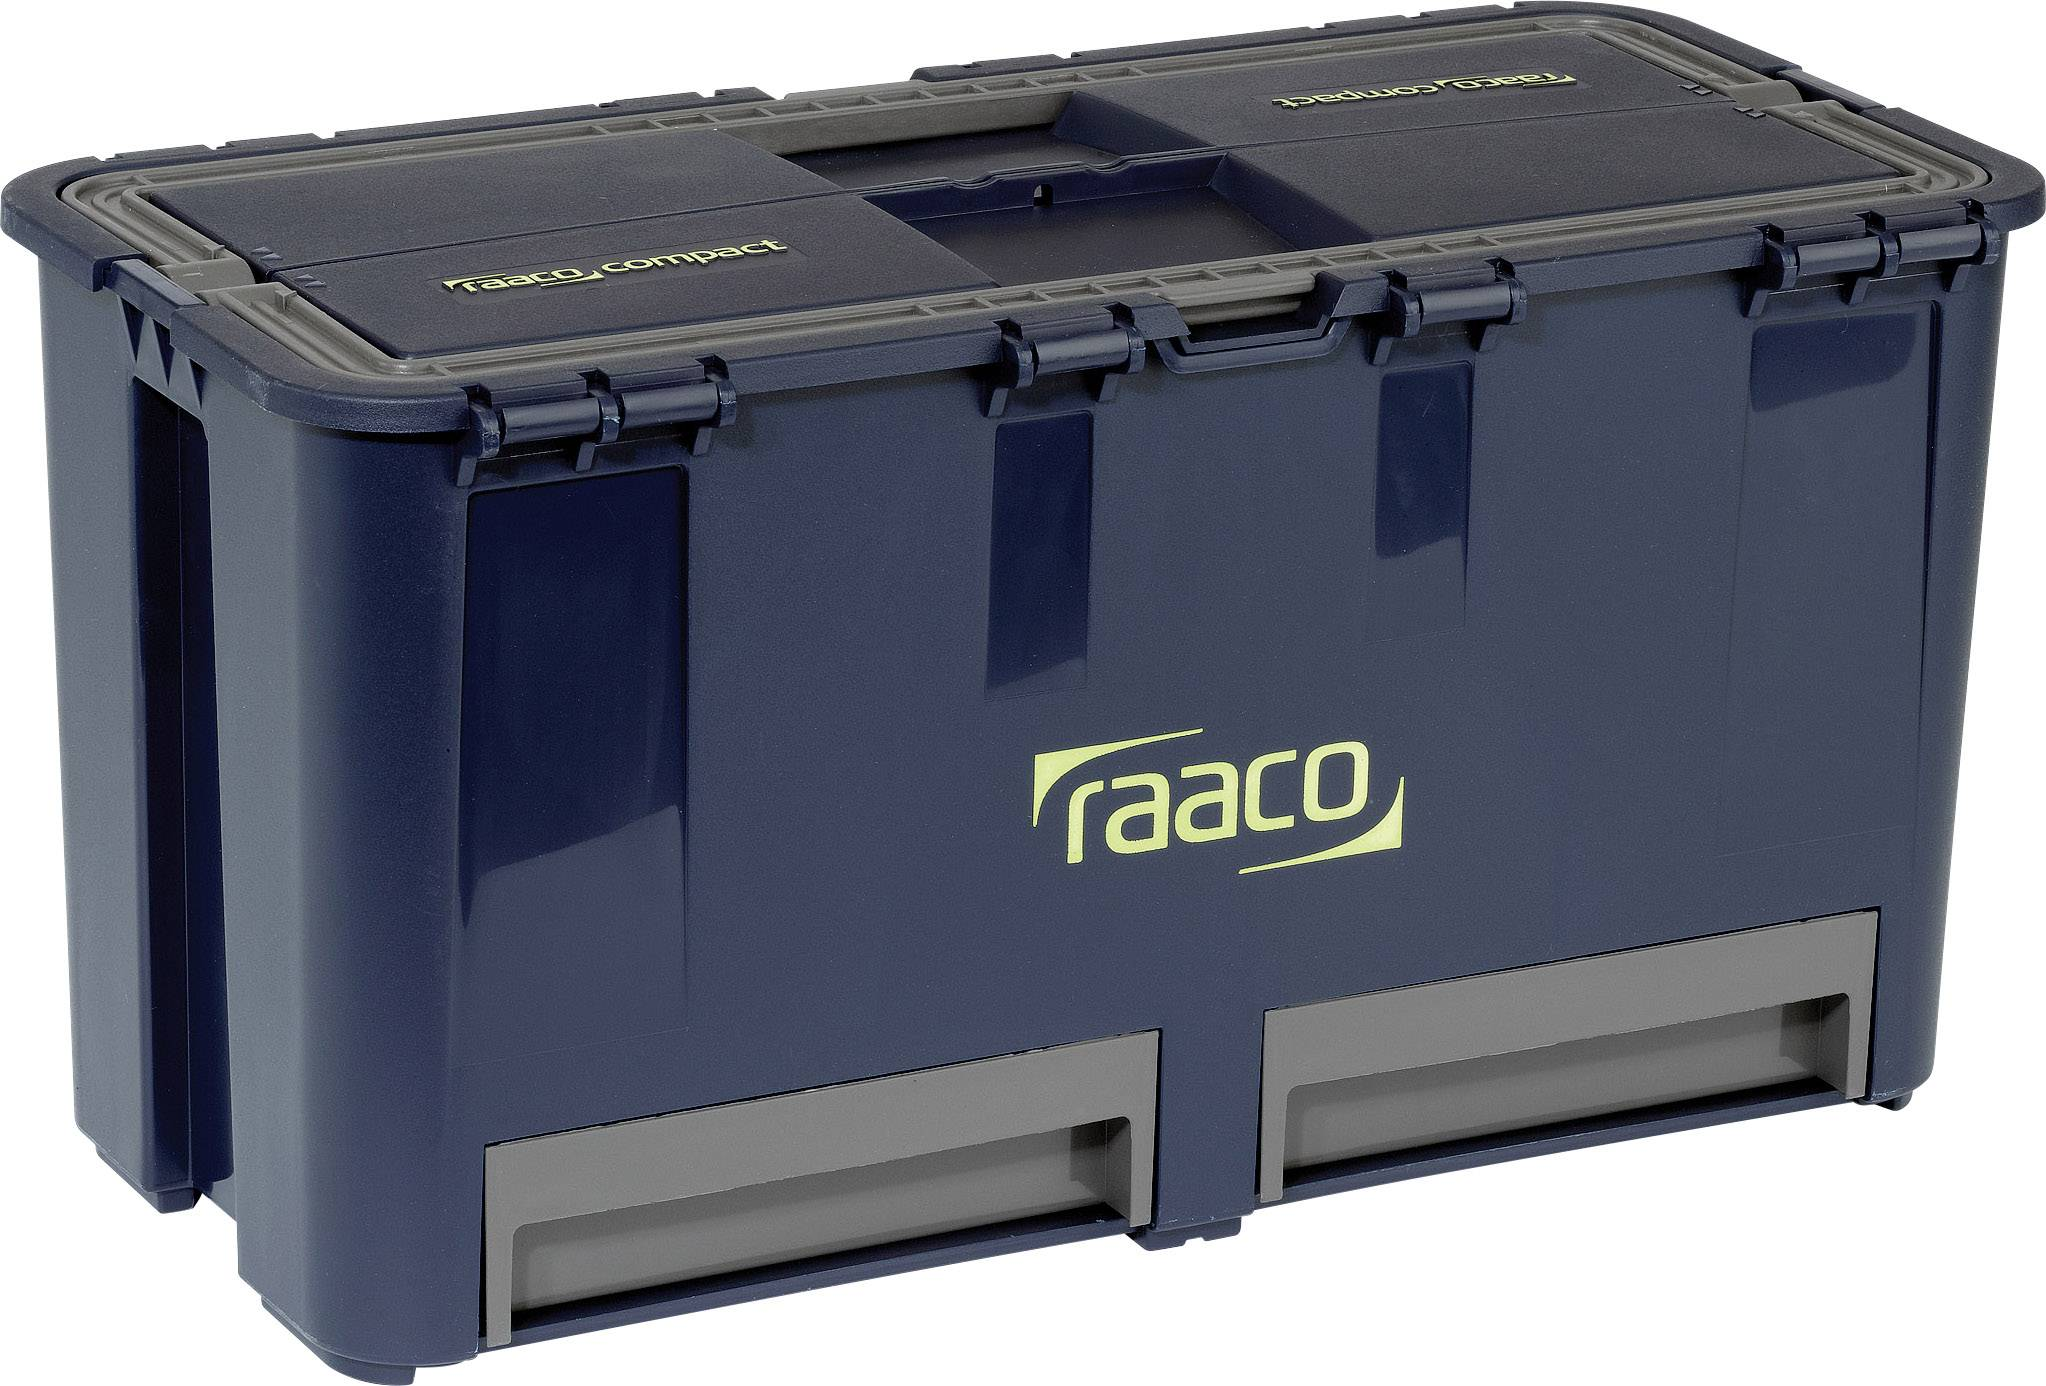 Kufřík na nářadí raaco Compact 27 136587, (š x v x h) 474 x 248 x 239 mm, 1 ks